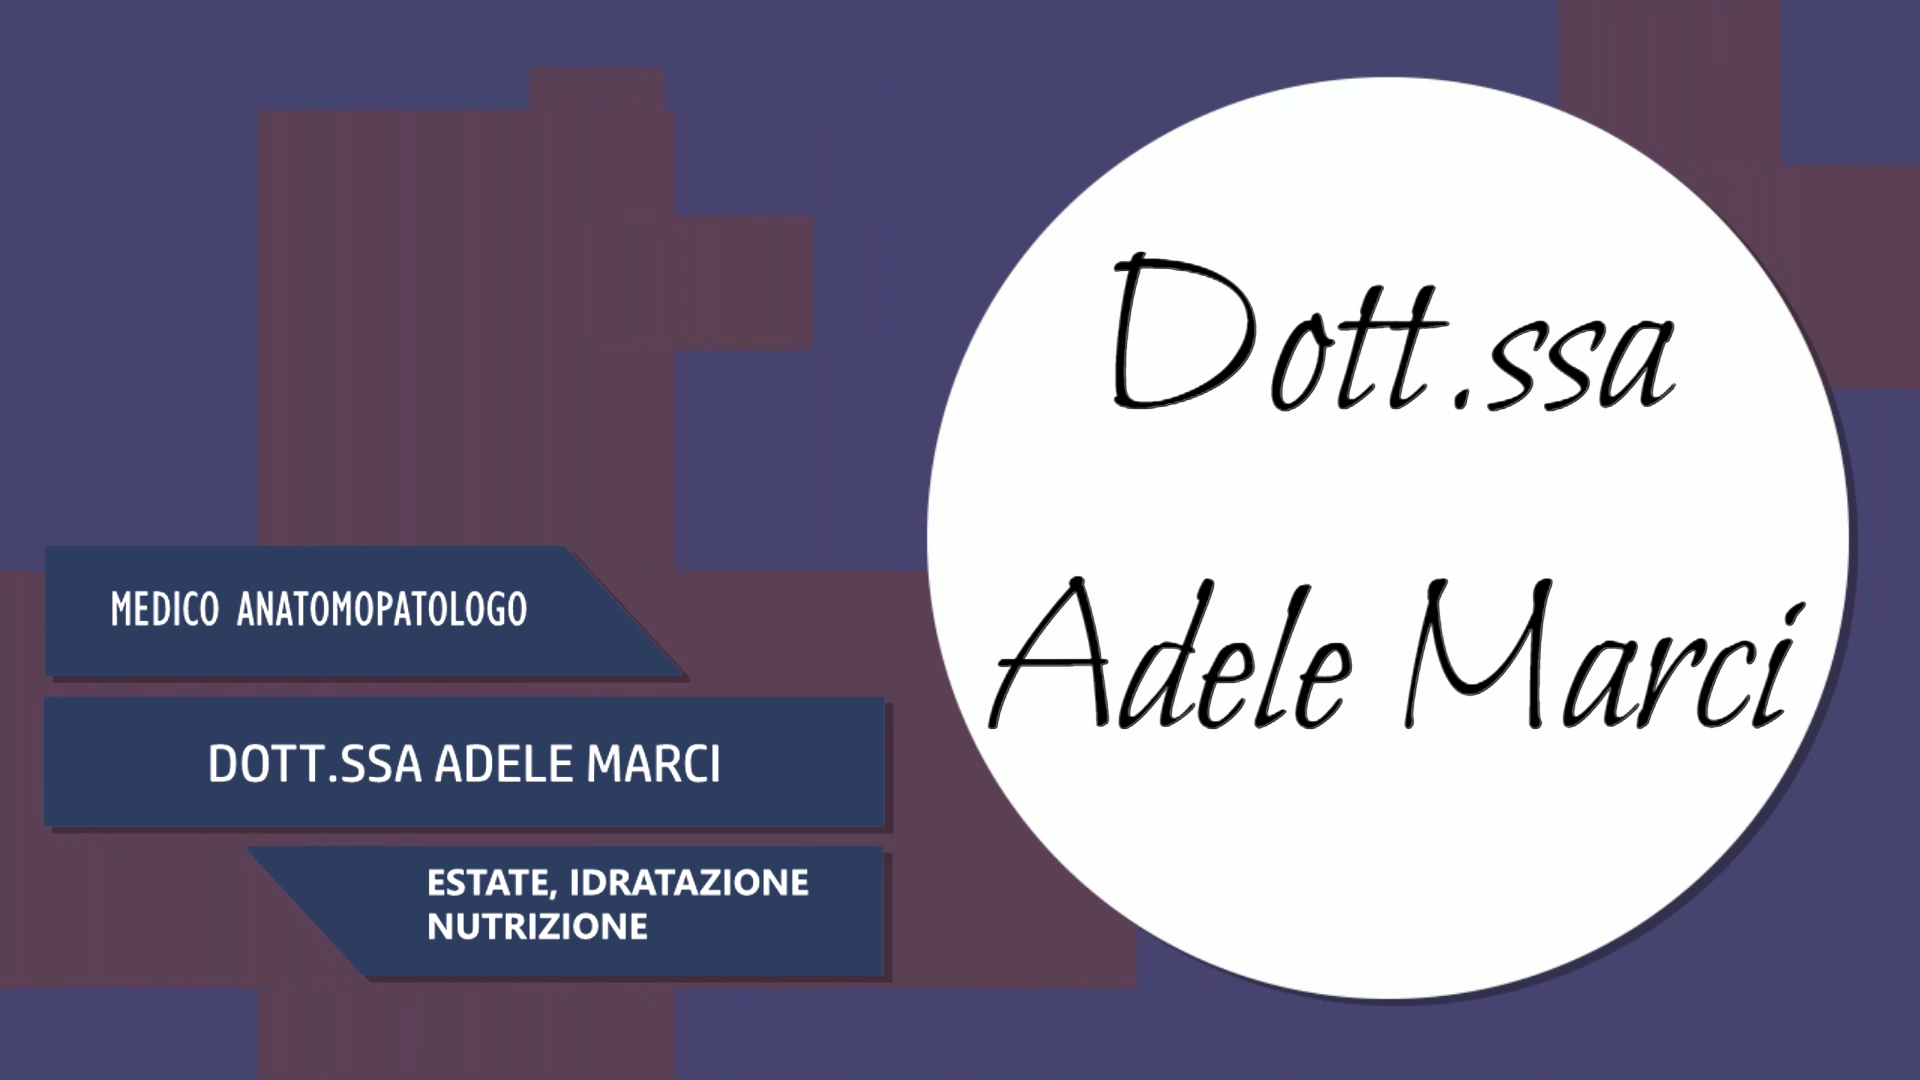 Intervista al Dott.ssa Adele Marci – Estate, Idratazione, Nutrizione